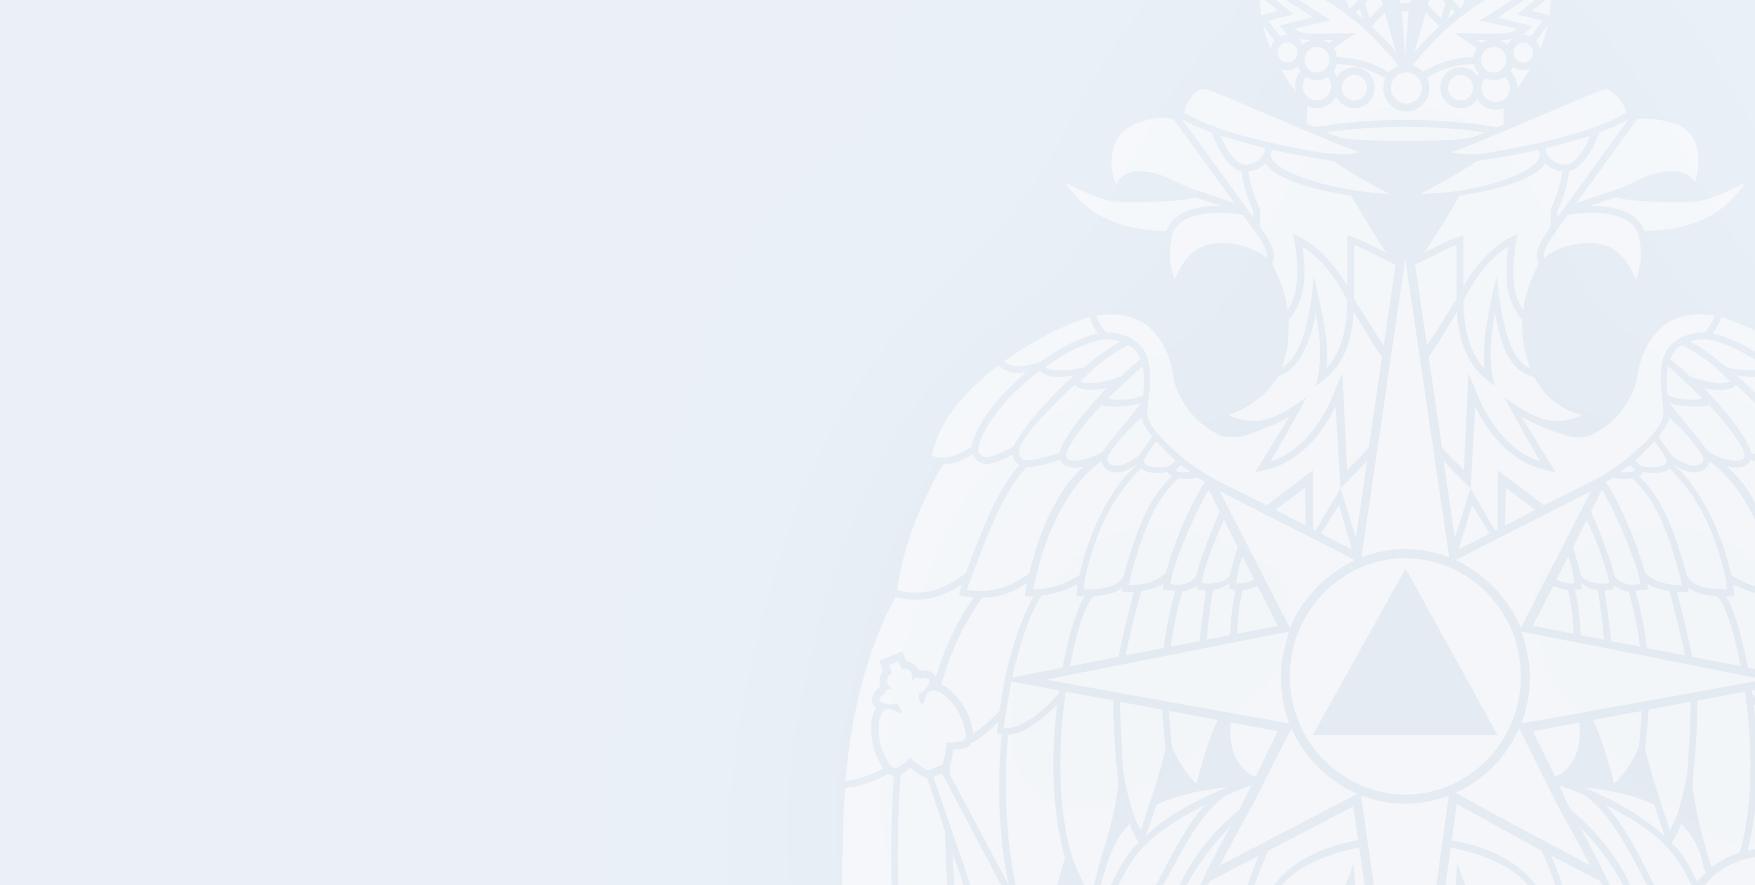 Пиротехники Донского спасцентра обезвредили авиабомбу